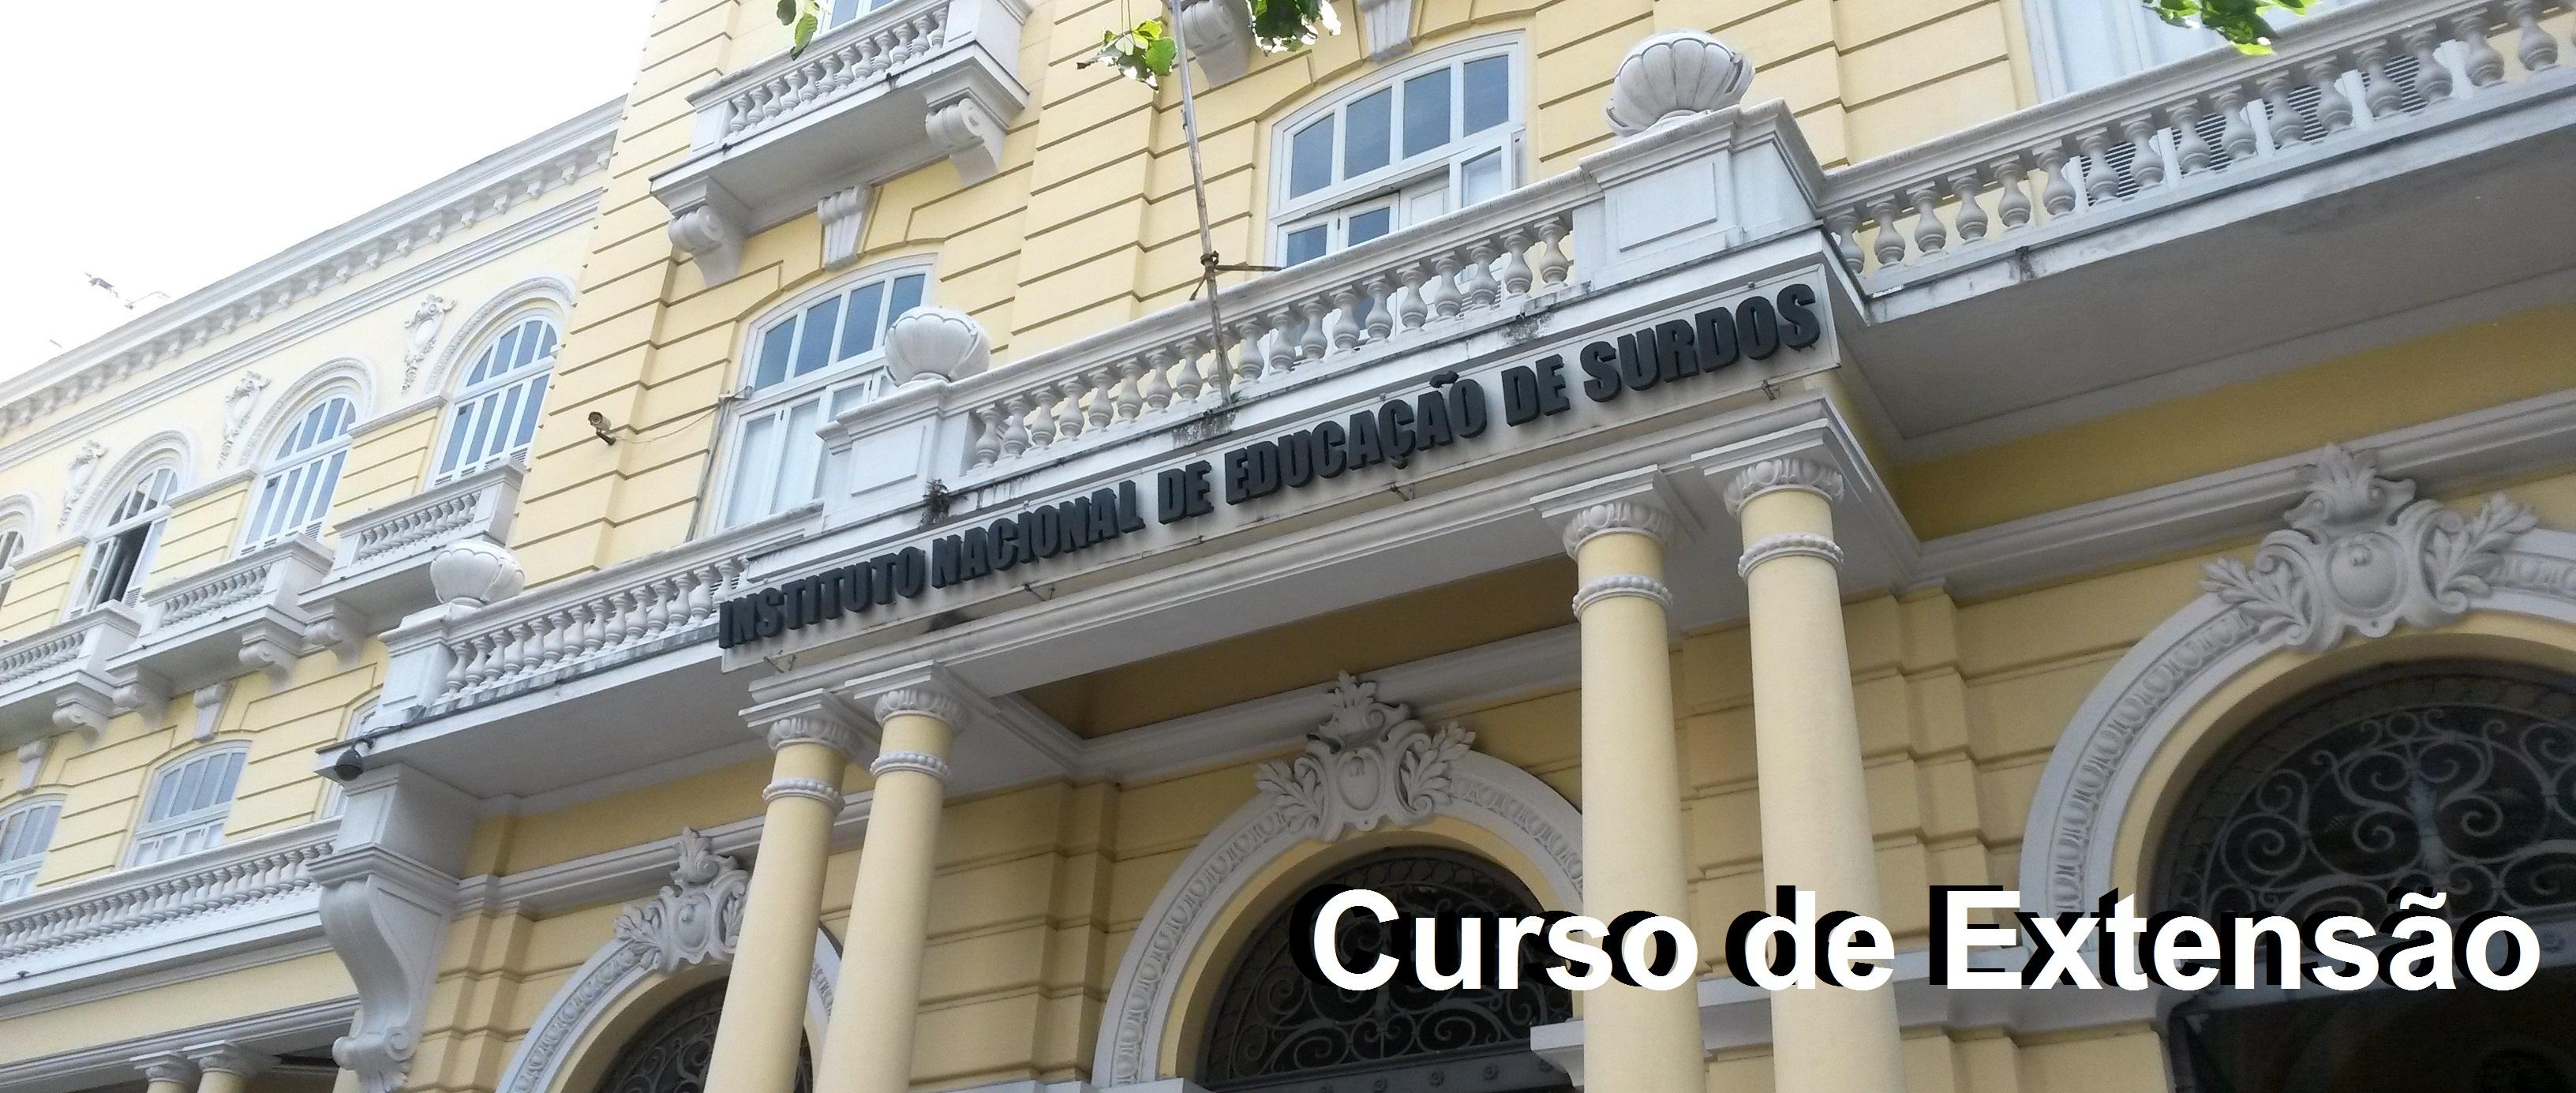 INES divulga lista de alunos aceitos para curso de extensão